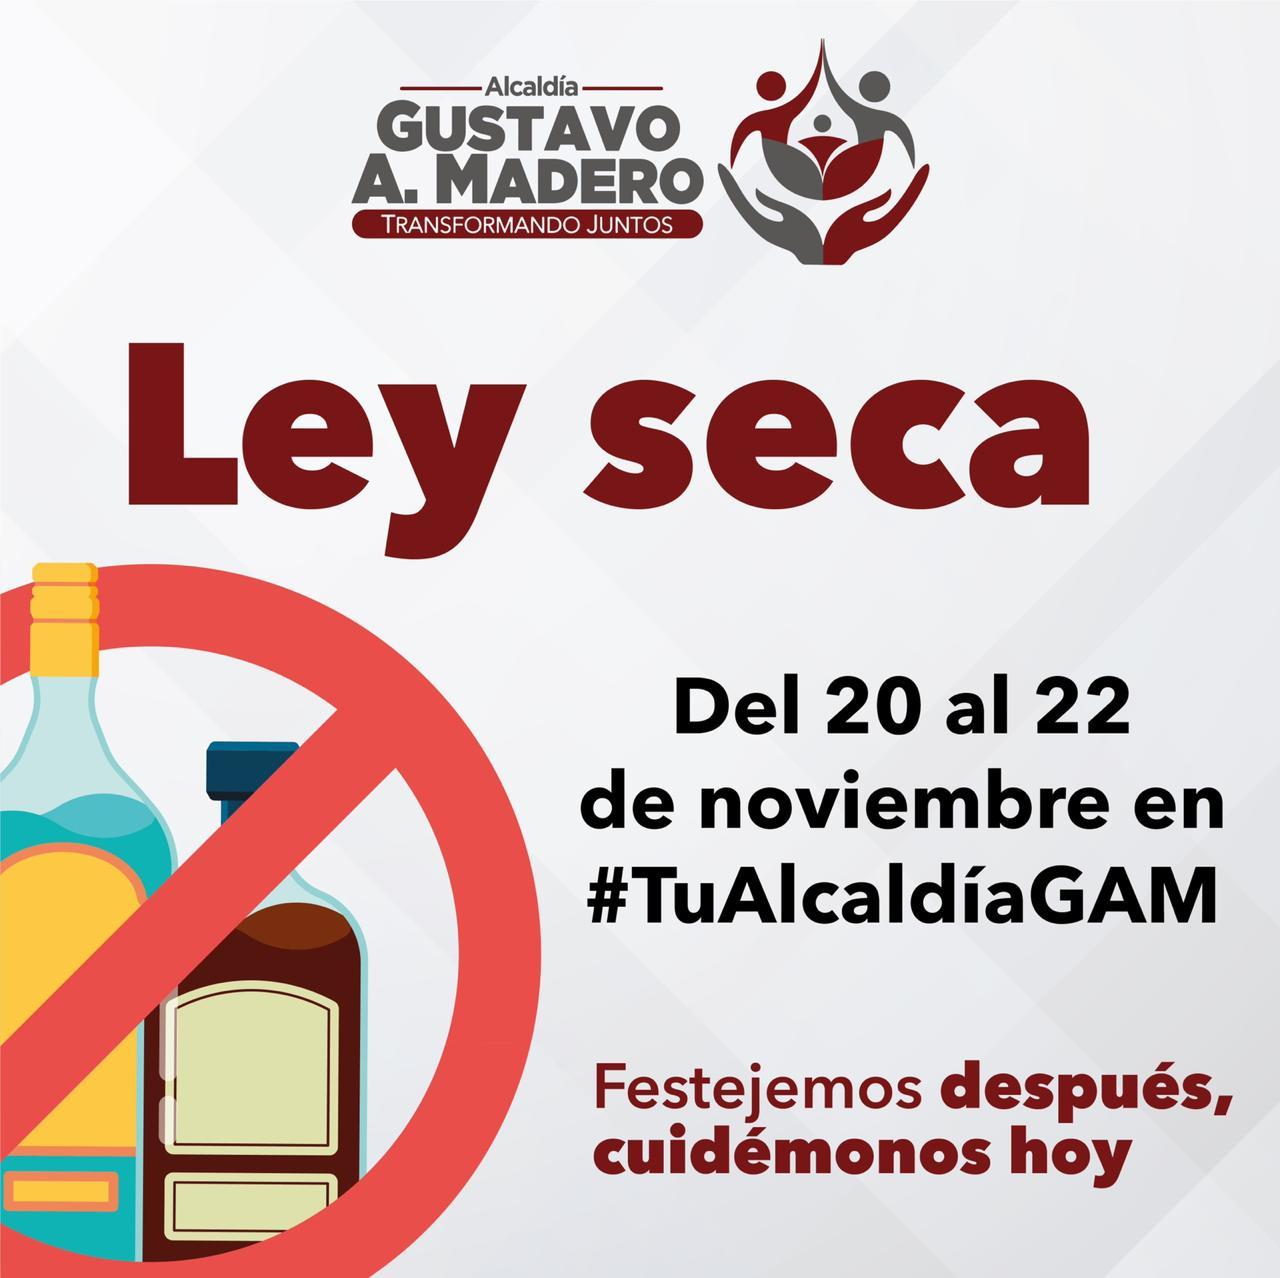 Aplicará ley seca la alcaldía Gustavo A. Madero